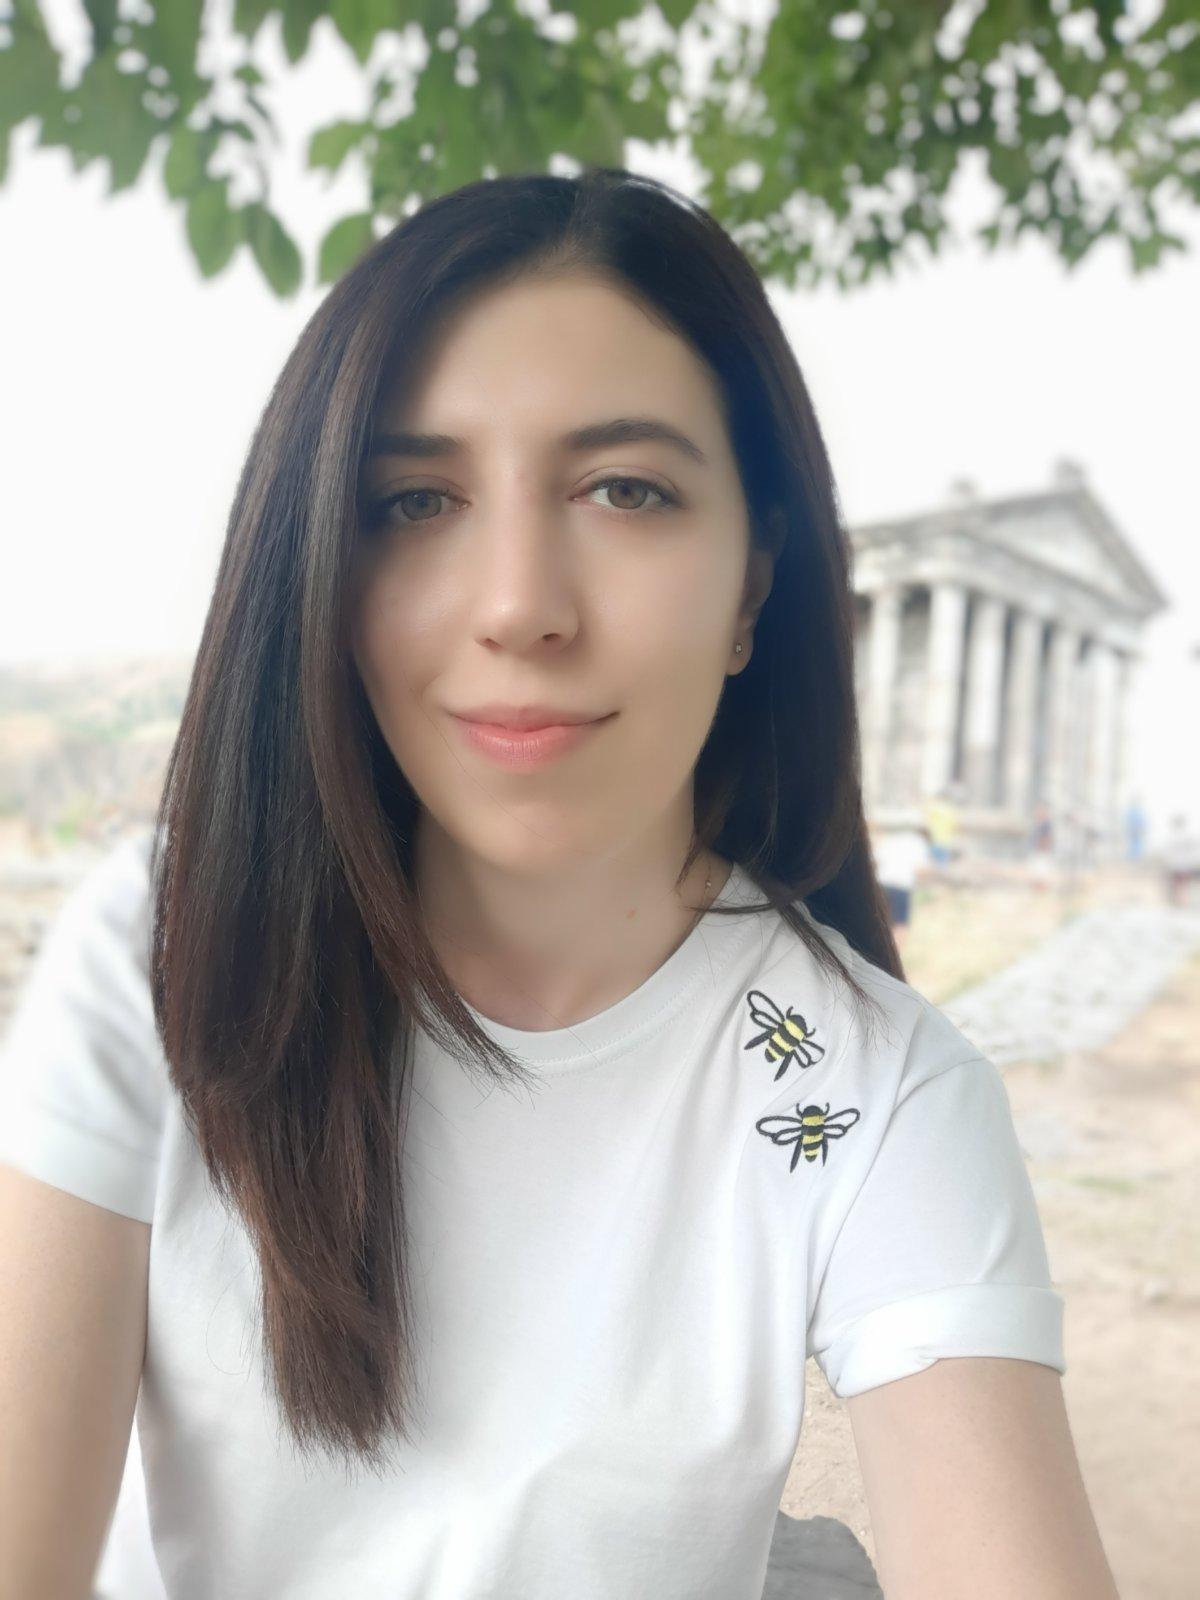 Lilit Kharatyan